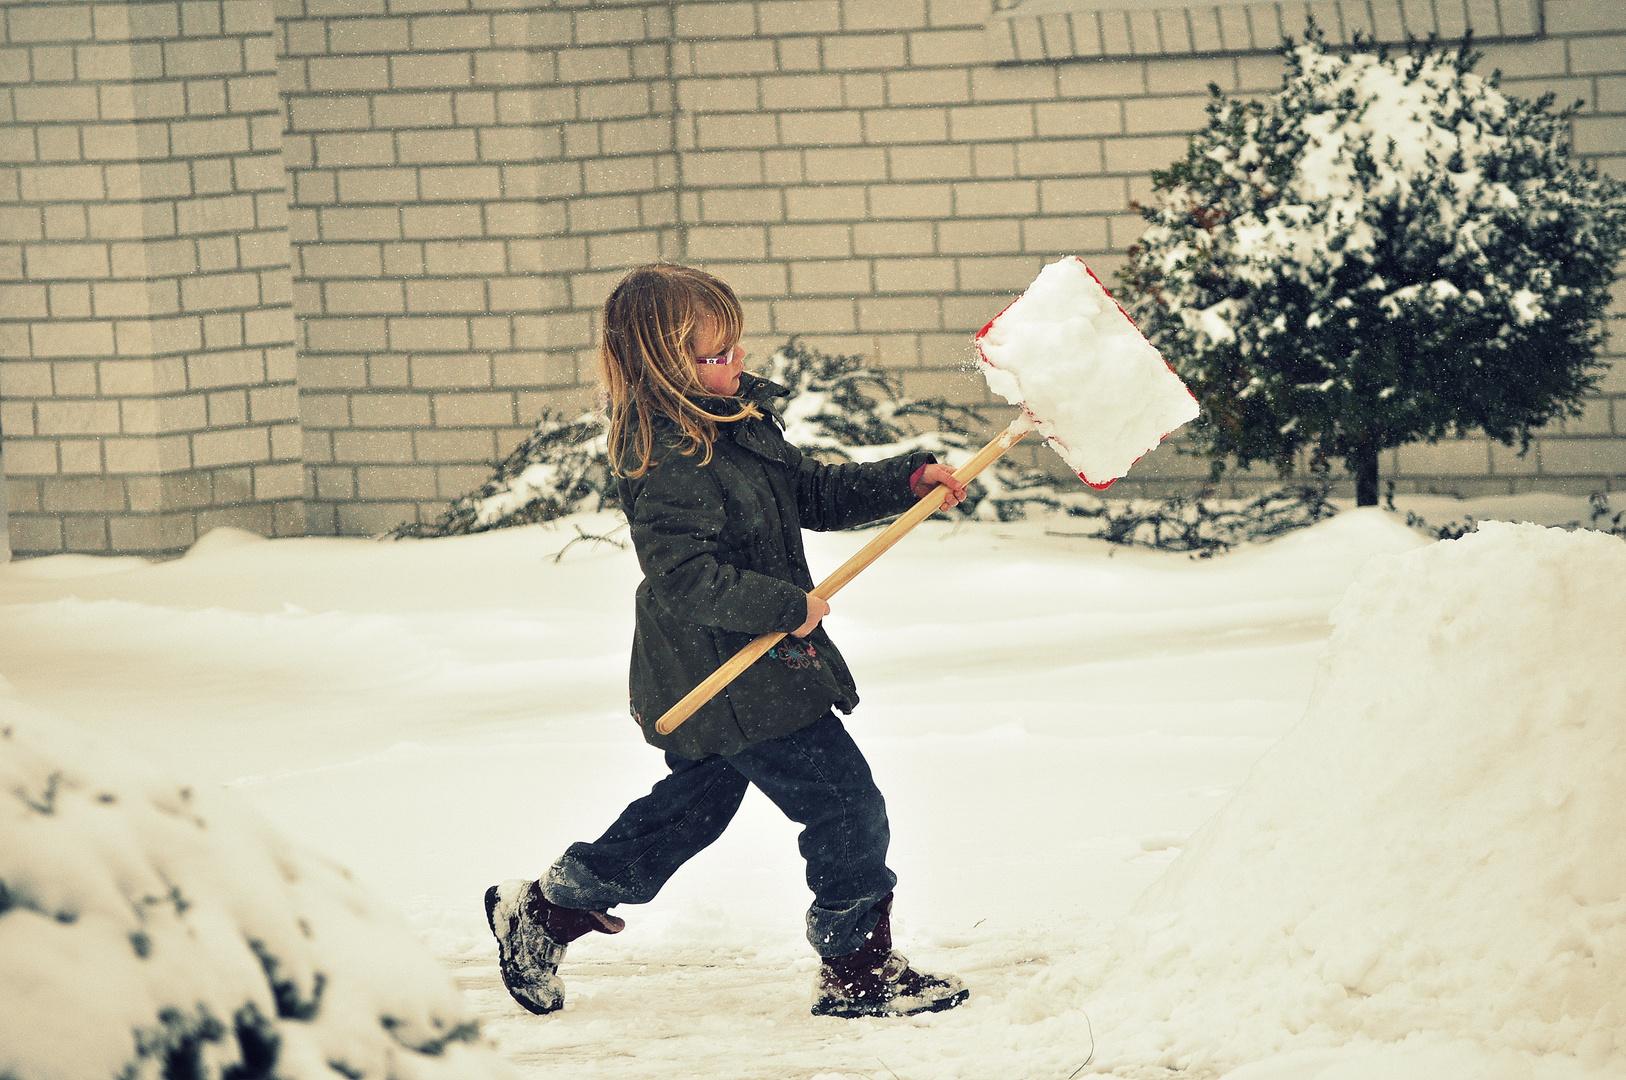 Und als der Schnee plötzlich kam, mussten auch die Kinder ran